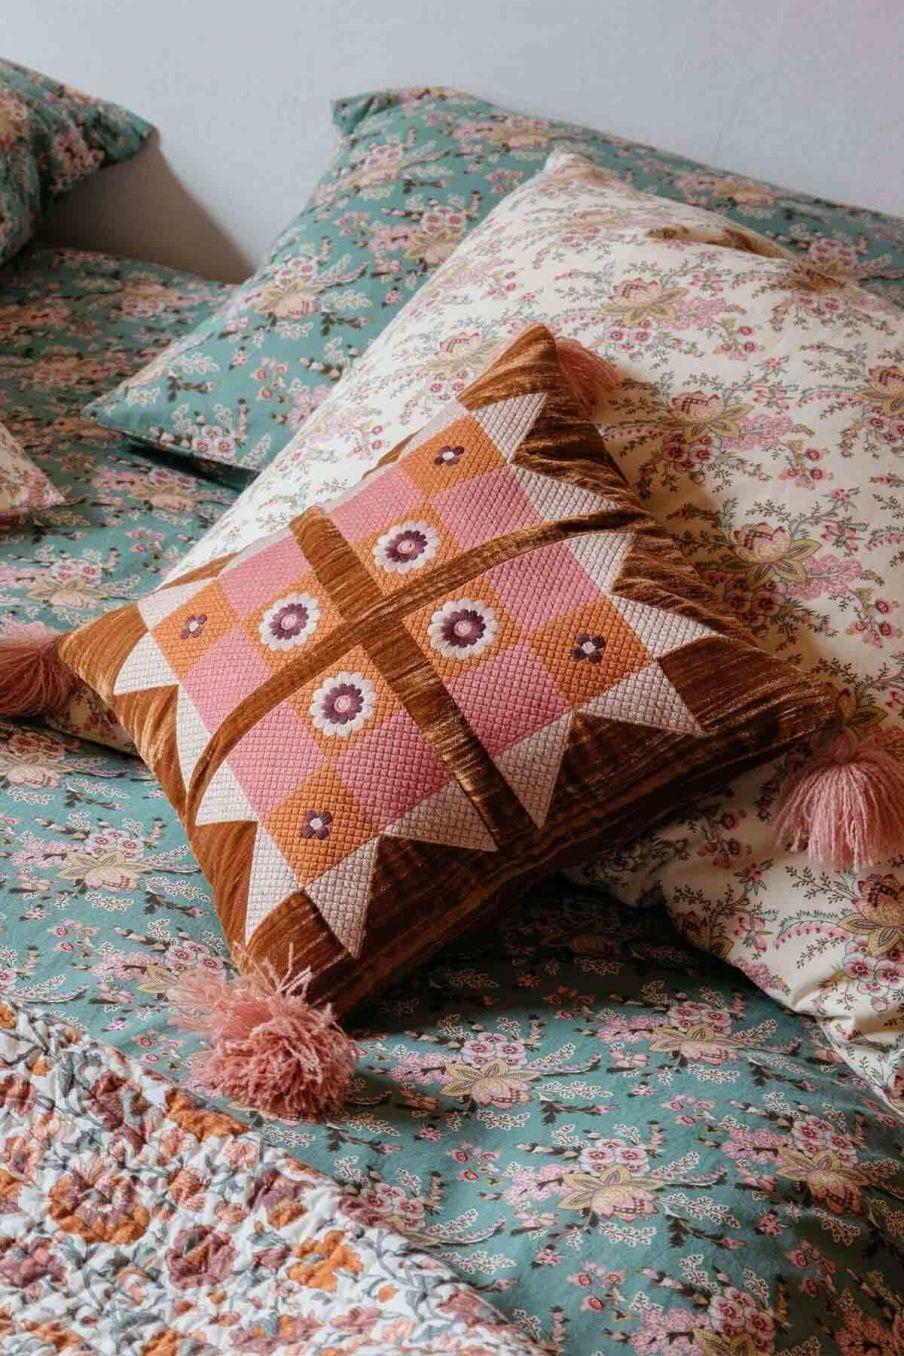 coussin maison greta caramel - louise misha